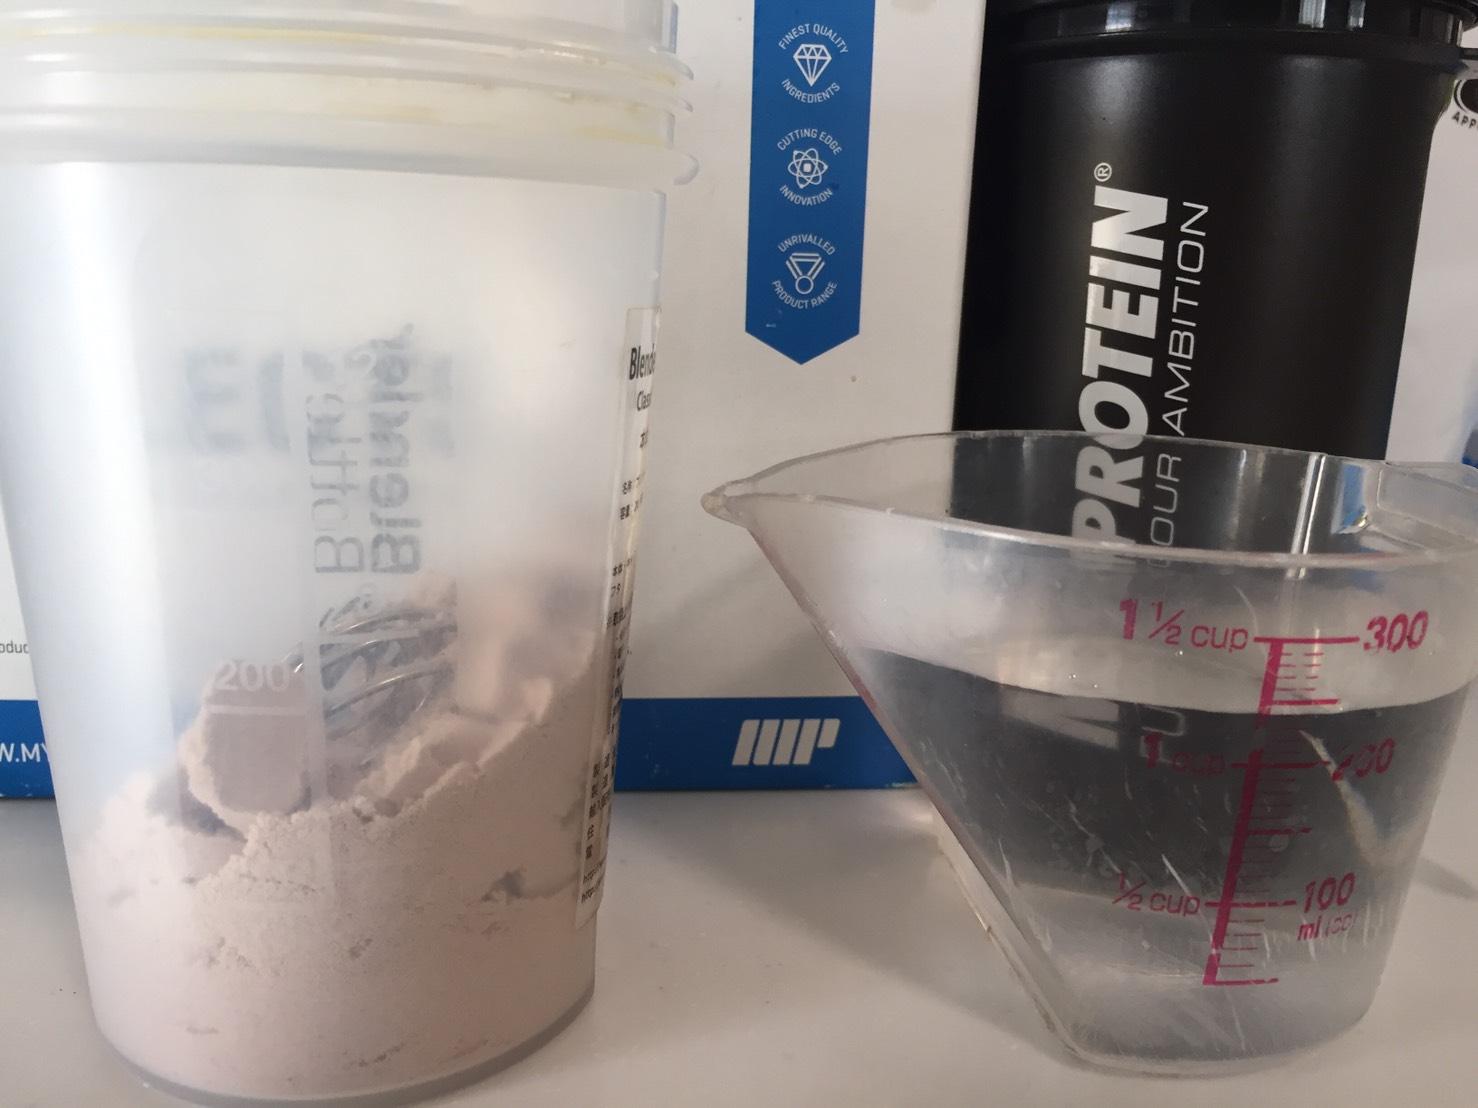 【WPI】IMPACT 分離ホエイプロテイン (アイソレート)「CHOCOLATE CARAMEL FLAVOUR(チョコレートキャラメル味)」を250mlの水に溶かします。